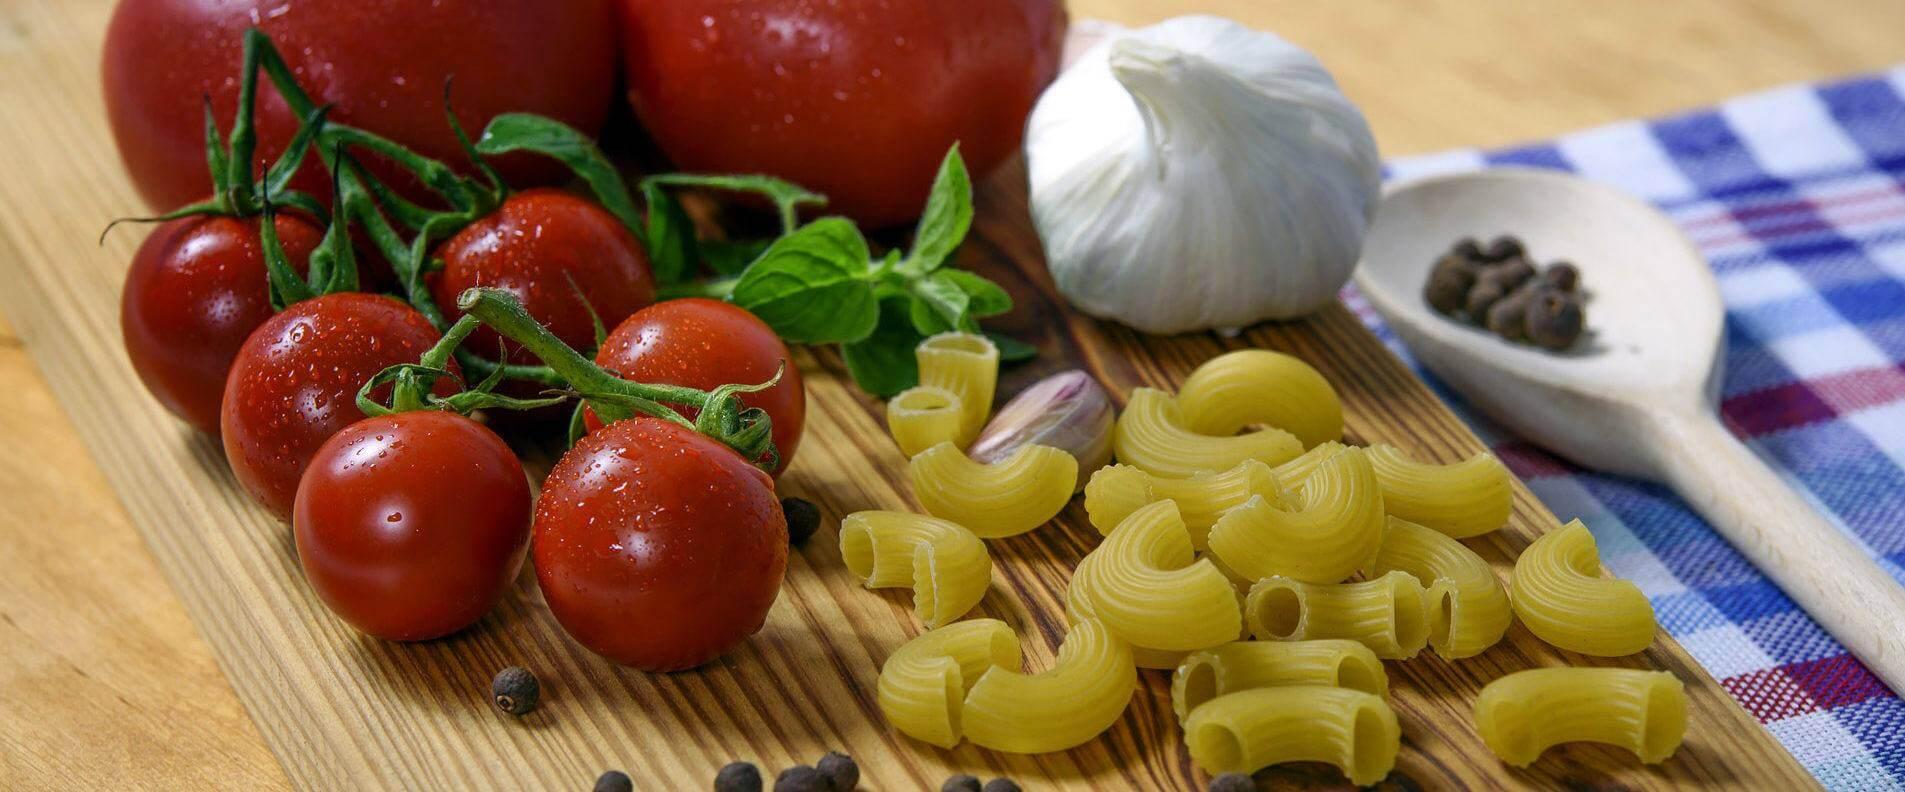 La dieta Mediterranea: un patrimonio dell'umanità